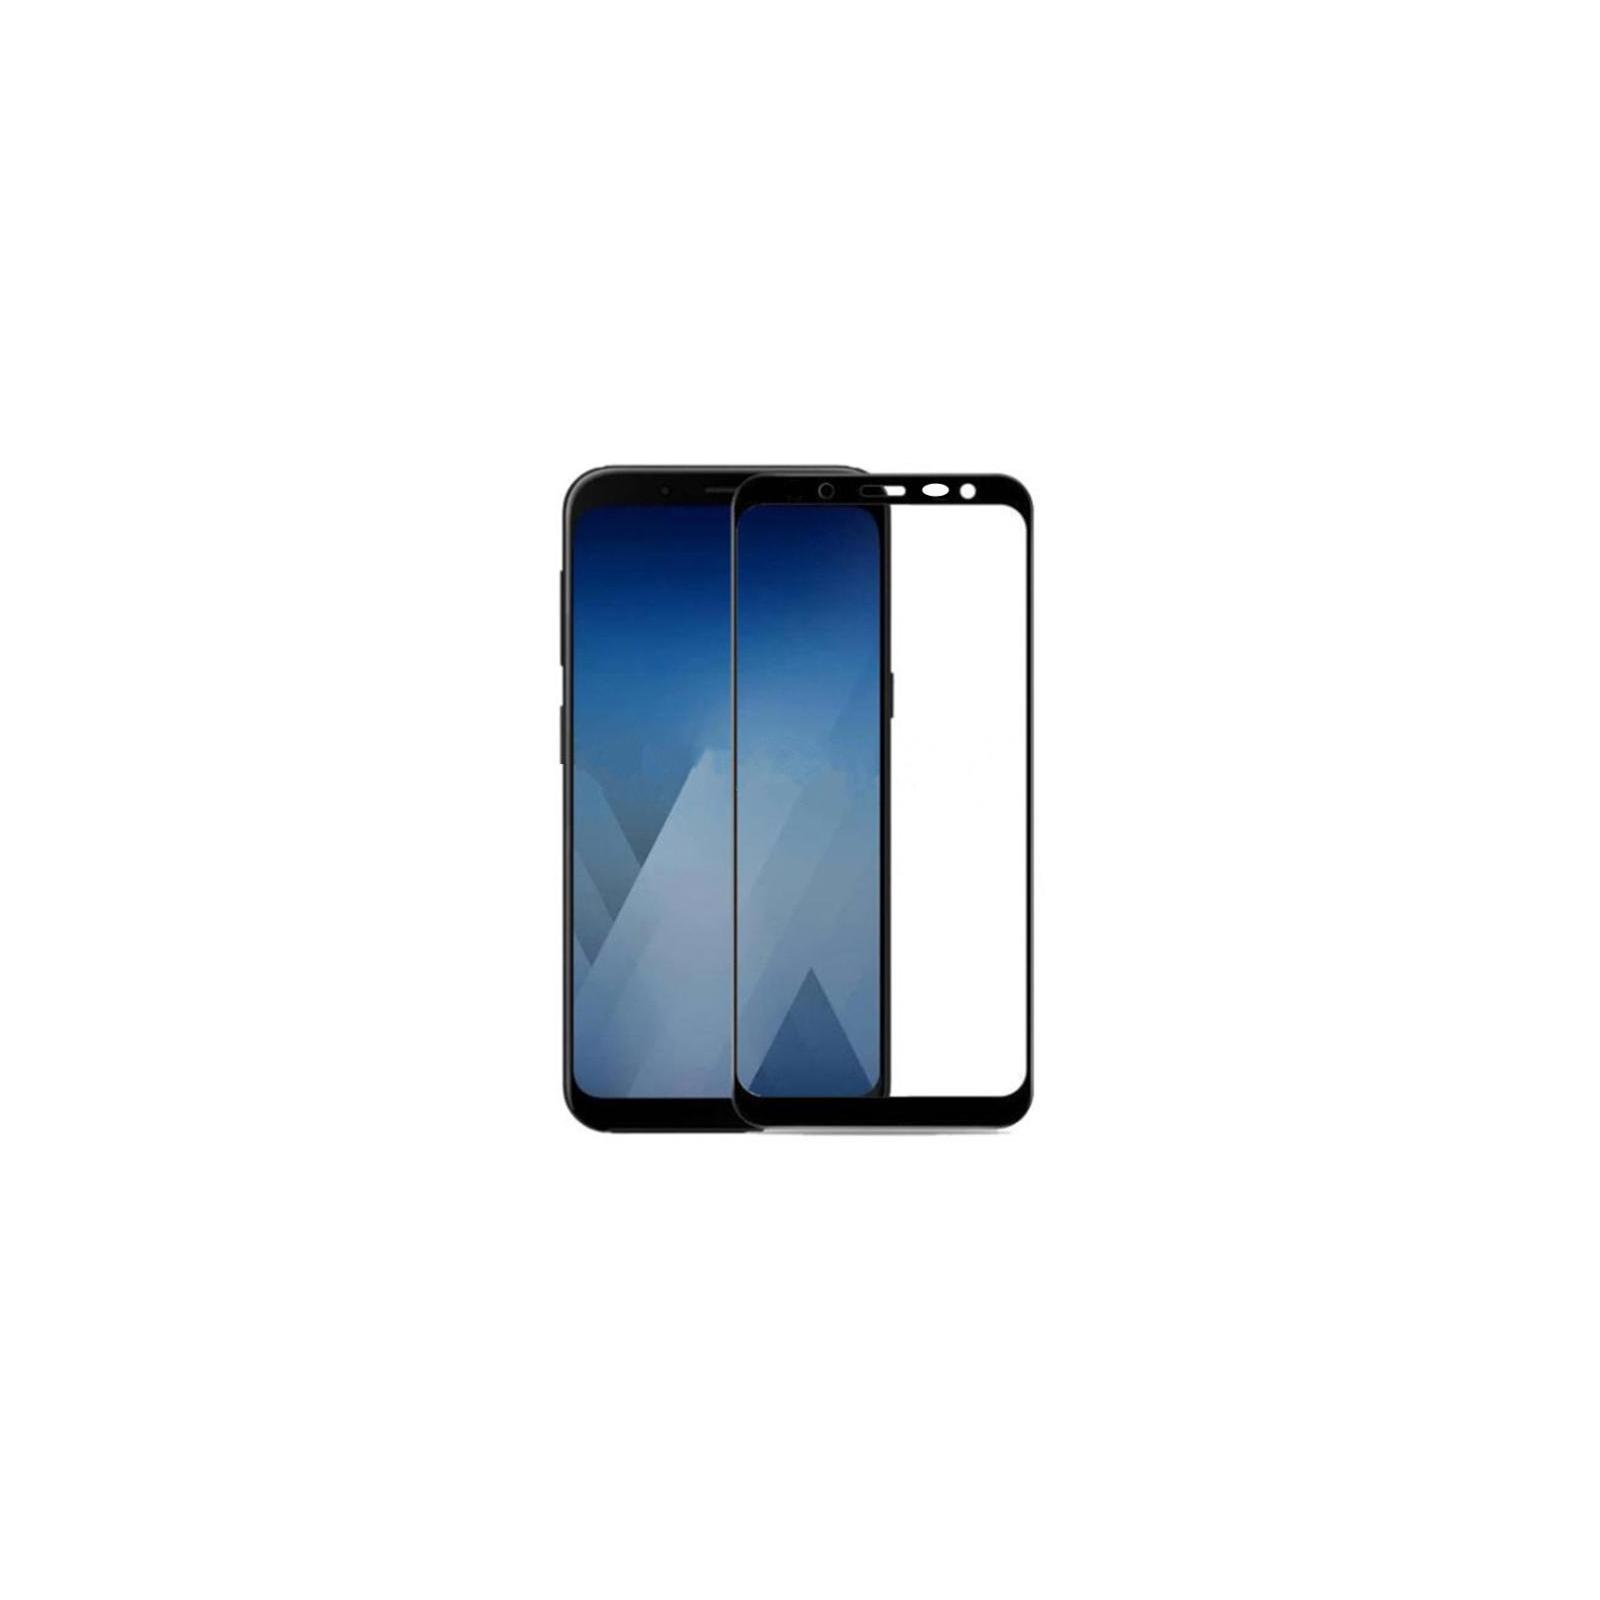 Стекло защитное Drobak для Samsung Galaxy J4 2018 Black 3D Full Cover (501608) изображение 2